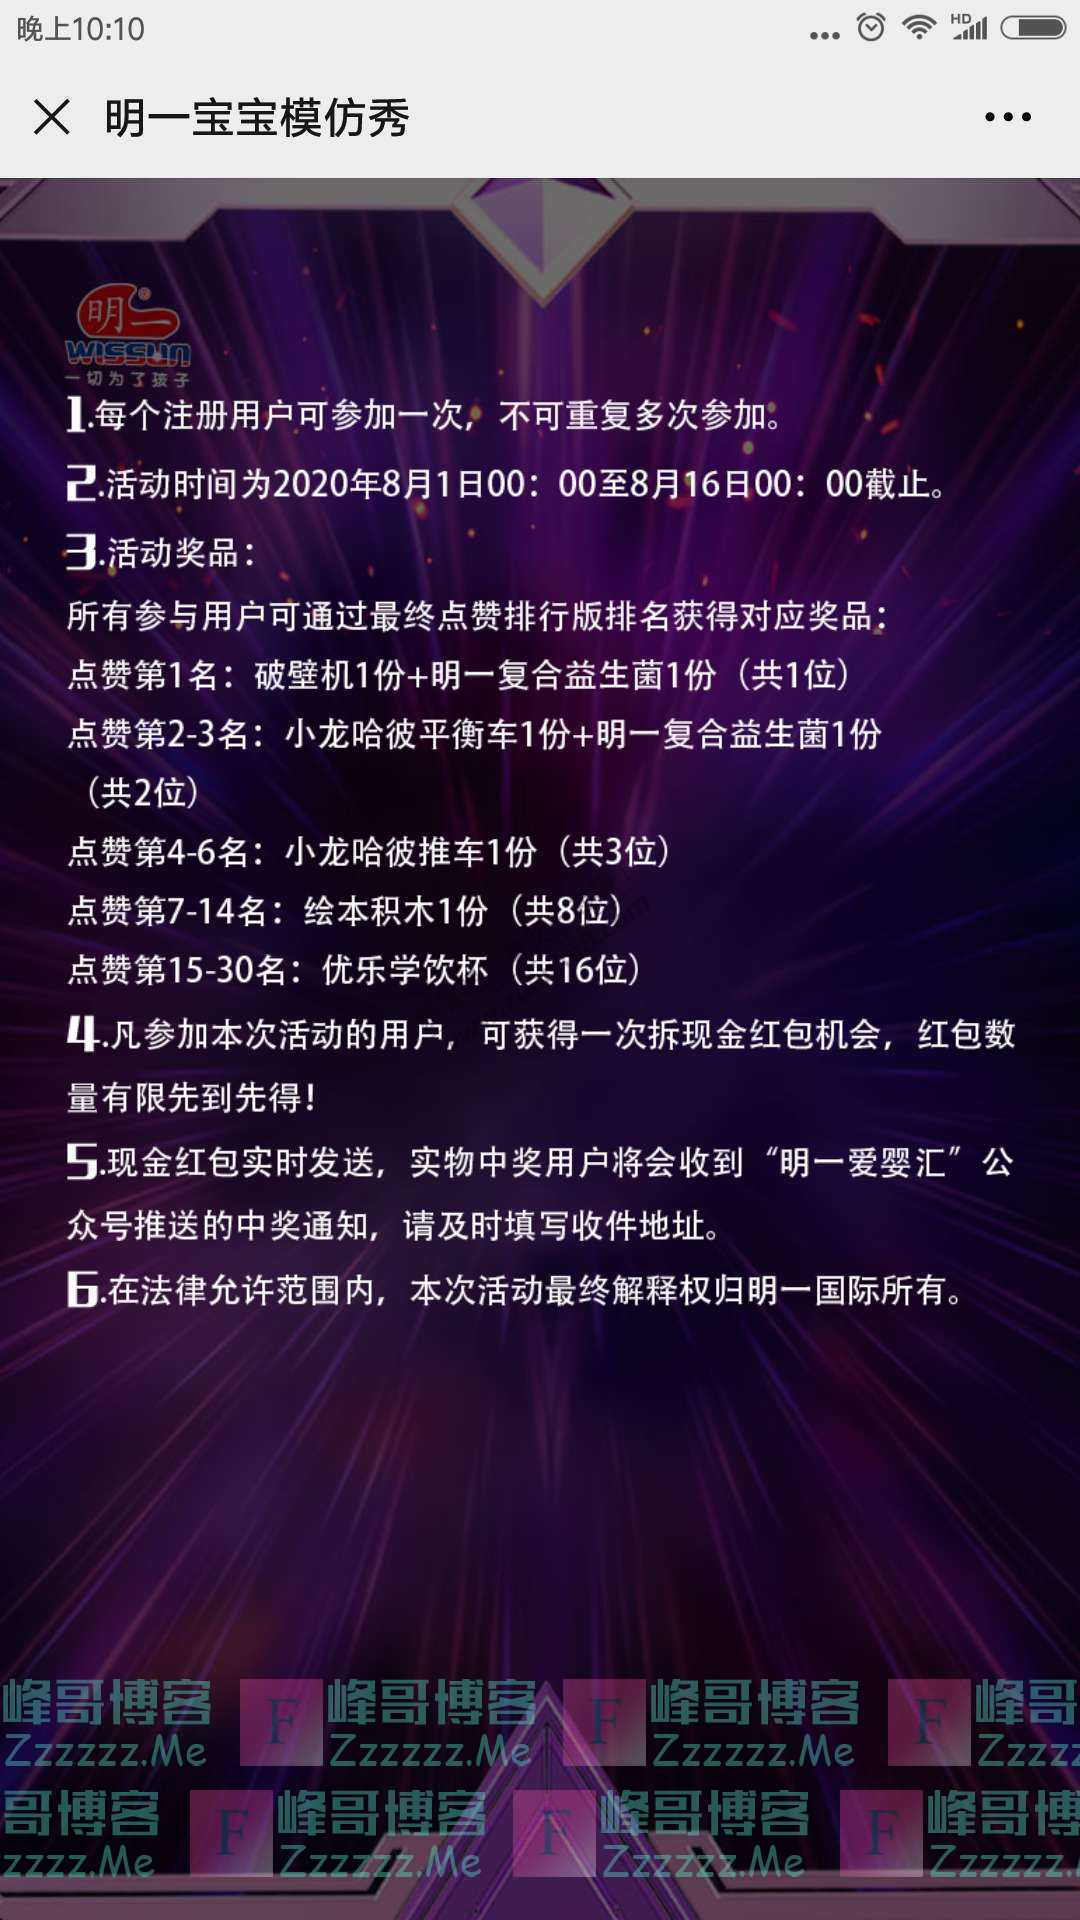 明一爱婴汇冲鸭~明一宝宝模仿大赛开启啦(截止8月16日)